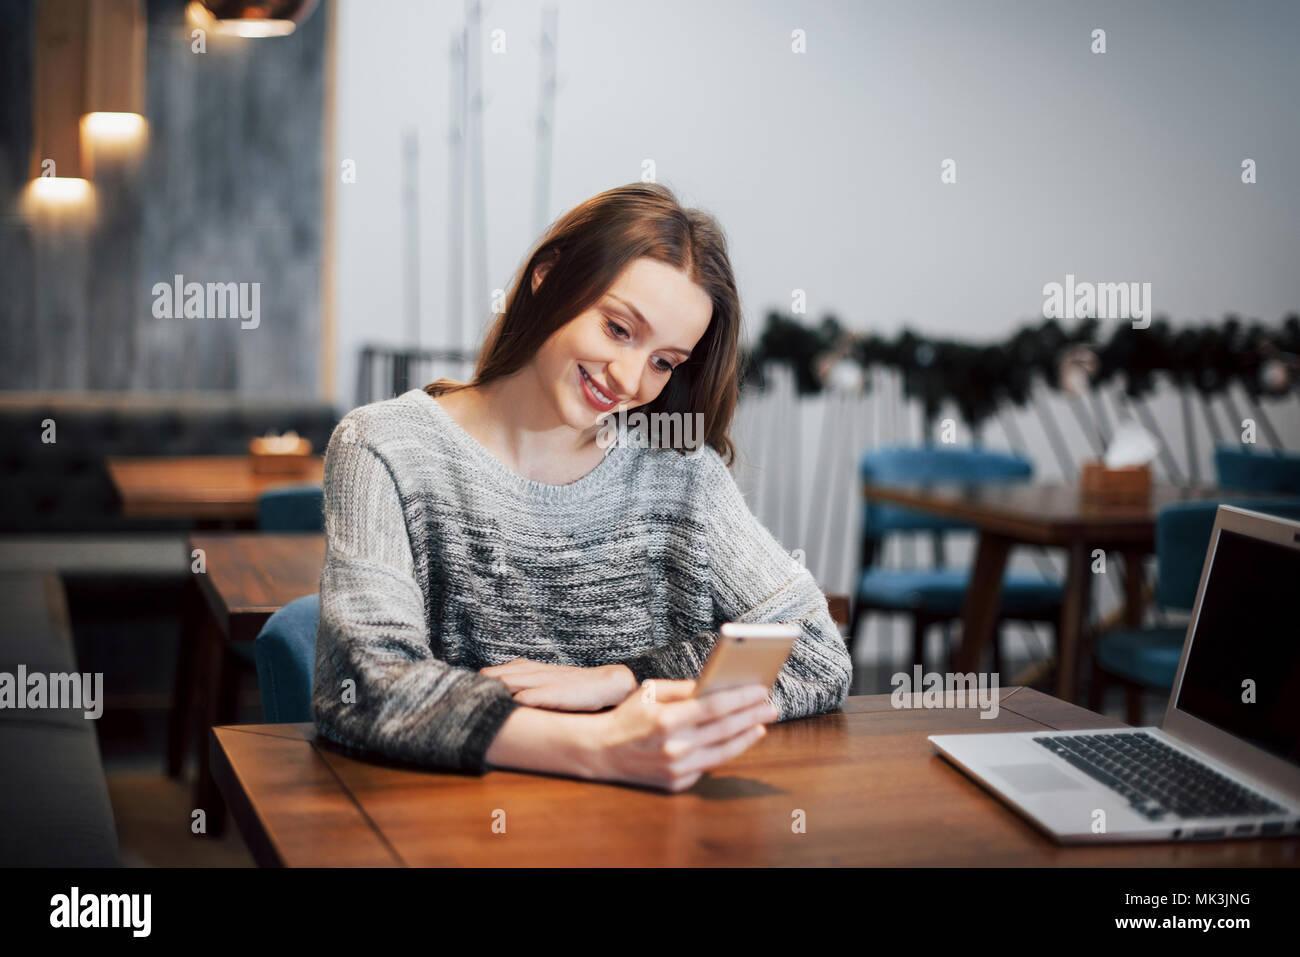 Una atractiva chica de largo cabello negro reflexiona sobre un nuevo proyecto durante una pausa para el café sentado en una mesa en una cafetería Imagen De Stock